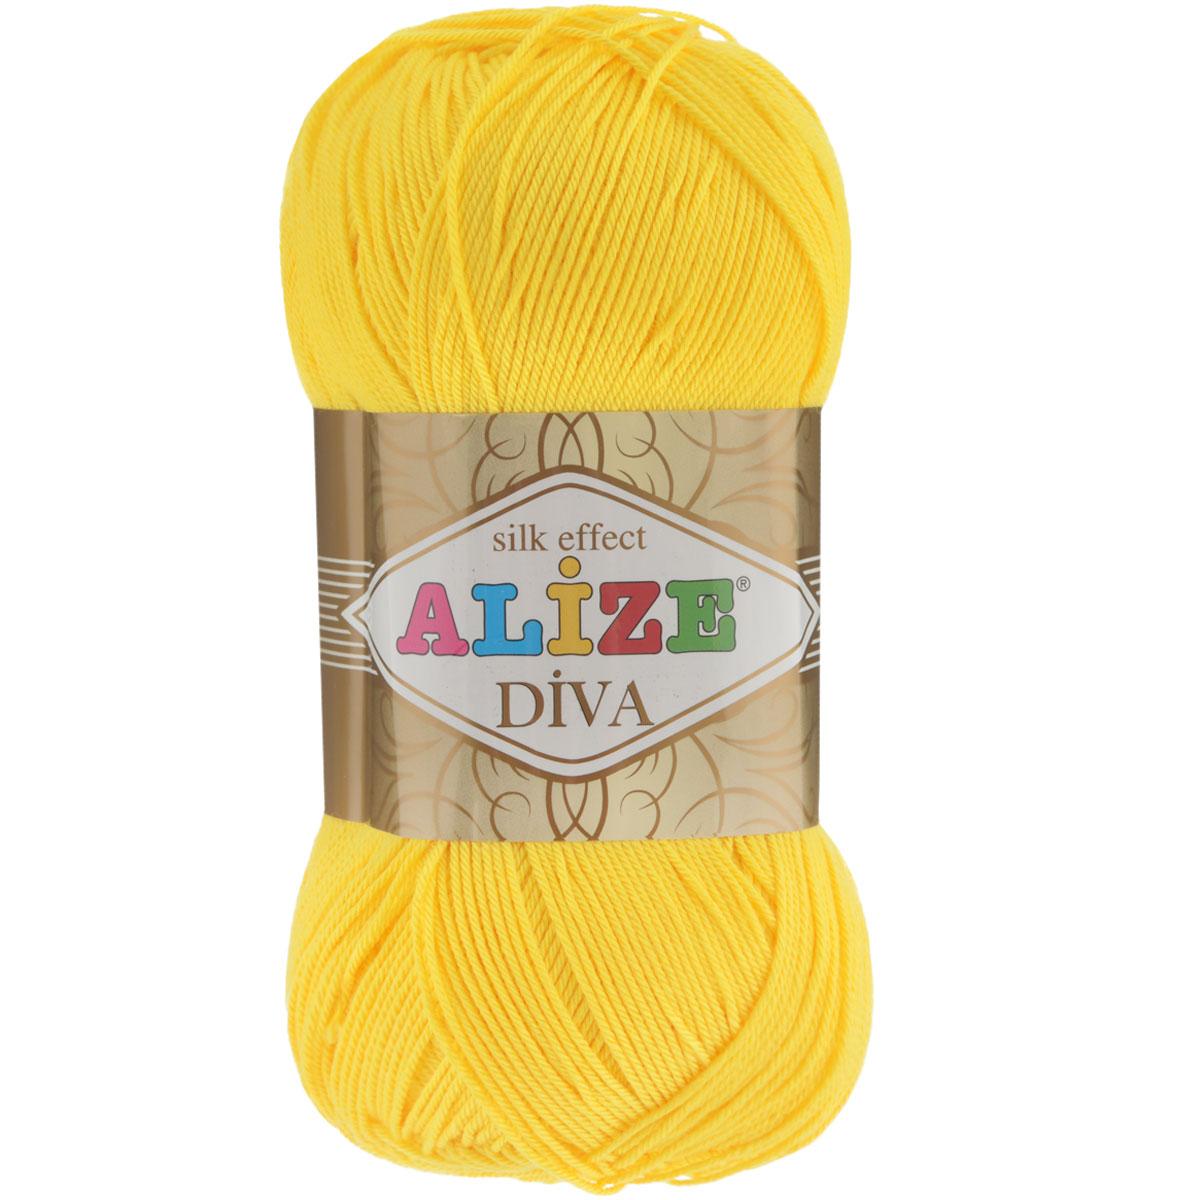 Пряжа для вязания Alize Diva, цвет: светло-желтый (110), 350 м, 100 г, 5 шт364126_110Легкая пряжа Diva с шелковым эффектом для весенних или летних вещей. Приятная на ощупь, обладающая высокой гигроскопичностью, пряжа Diva из микрофибры подойдет для самых разных вязаных изделий: сарафанов, туник, платьев, легких костюмов, кофт, шалей и накидок. Ее с одинаковым успехом можно использовать и для спиц, и для вязания крючком. В палитре большой выбор ярких цветов и пастельных мягких оттенков. Не стоит с предубеждением относиться к искусственной пряже, ведь она обладает целым рядом преимуществ. За изделиями из пряжи Diva проще ухаживать, они не подвержены скатыванию, не вызывают аллергии, не собирают пыль, не линяют и не оставляют ворсинок на другой одежде. Рекомендованные спицы № 2,5-3,5, крючок № 1-3. Состав: 100% микрофибра.